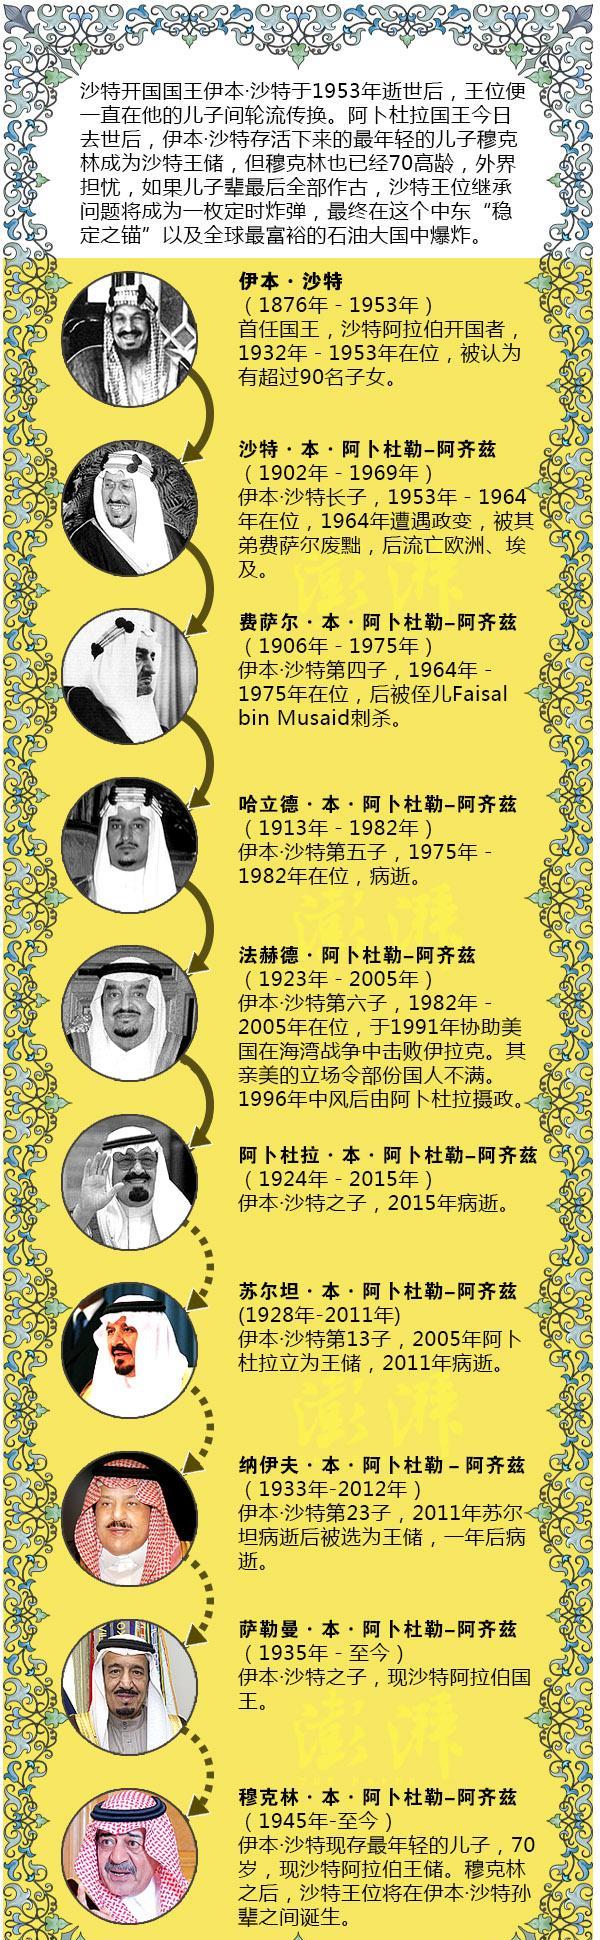 图解沙特王朝——为什么王位继承成了大问题?